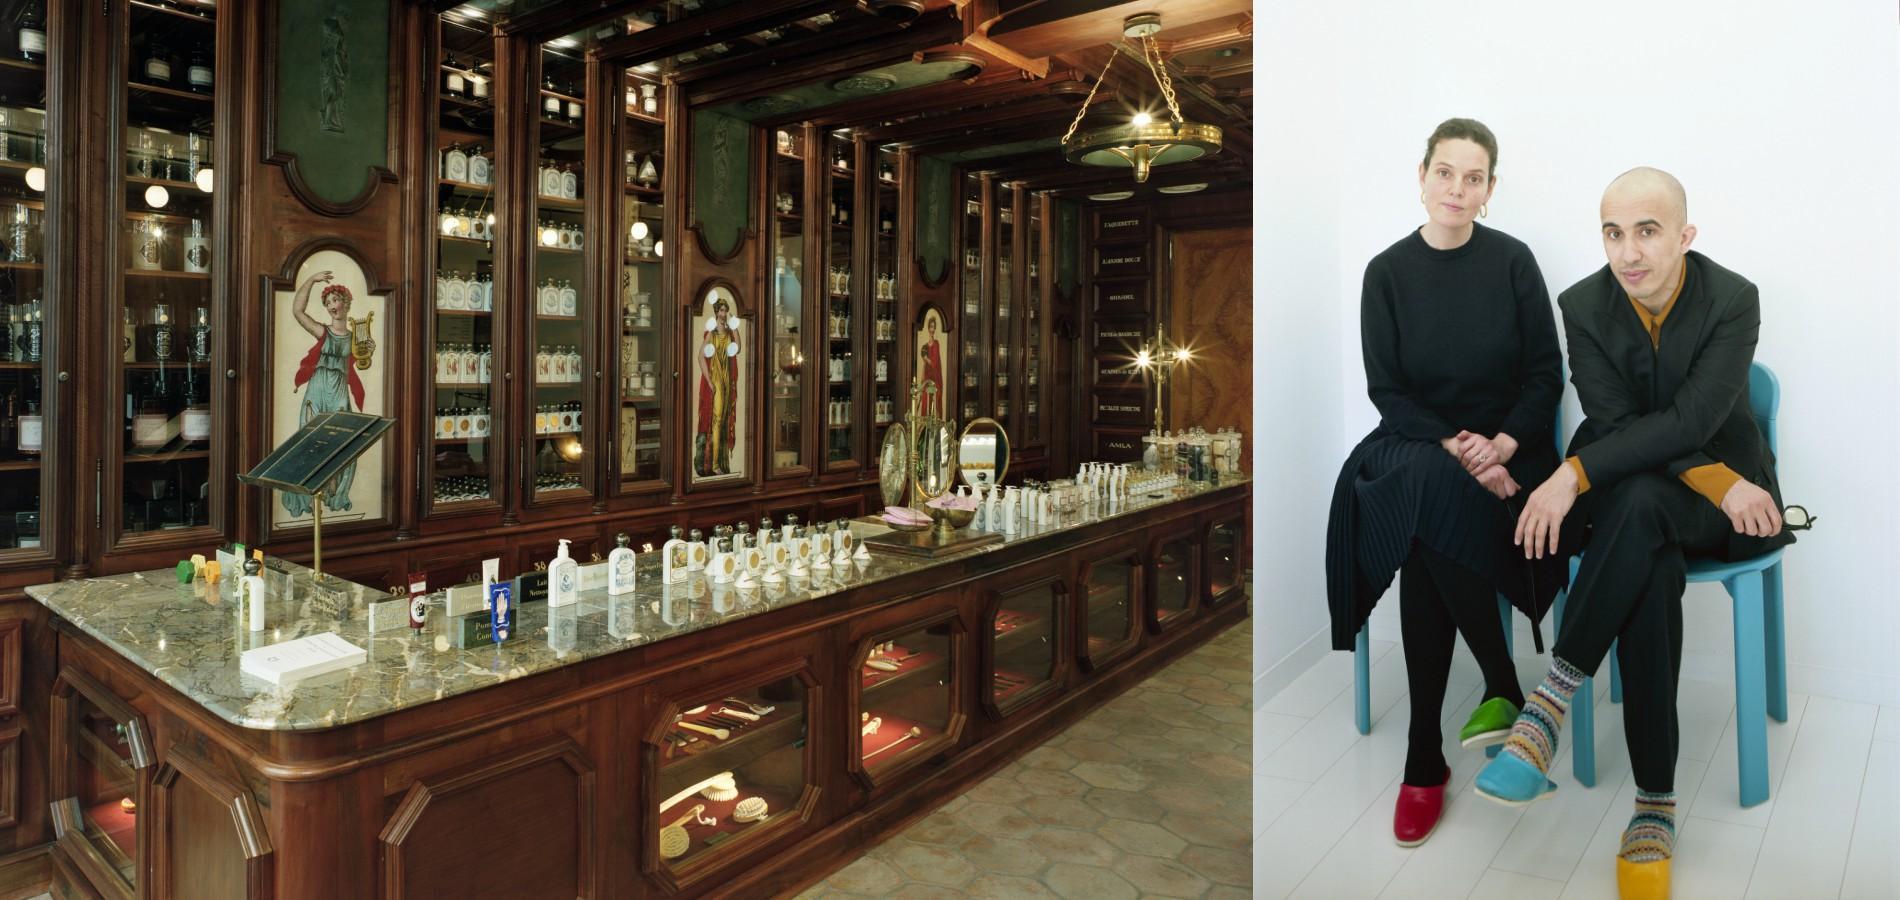 buly la parfumerie fran aise d 39 un nouveau genre madame figaro. Black Bedroom Furniture Sets. Home Design Ideas